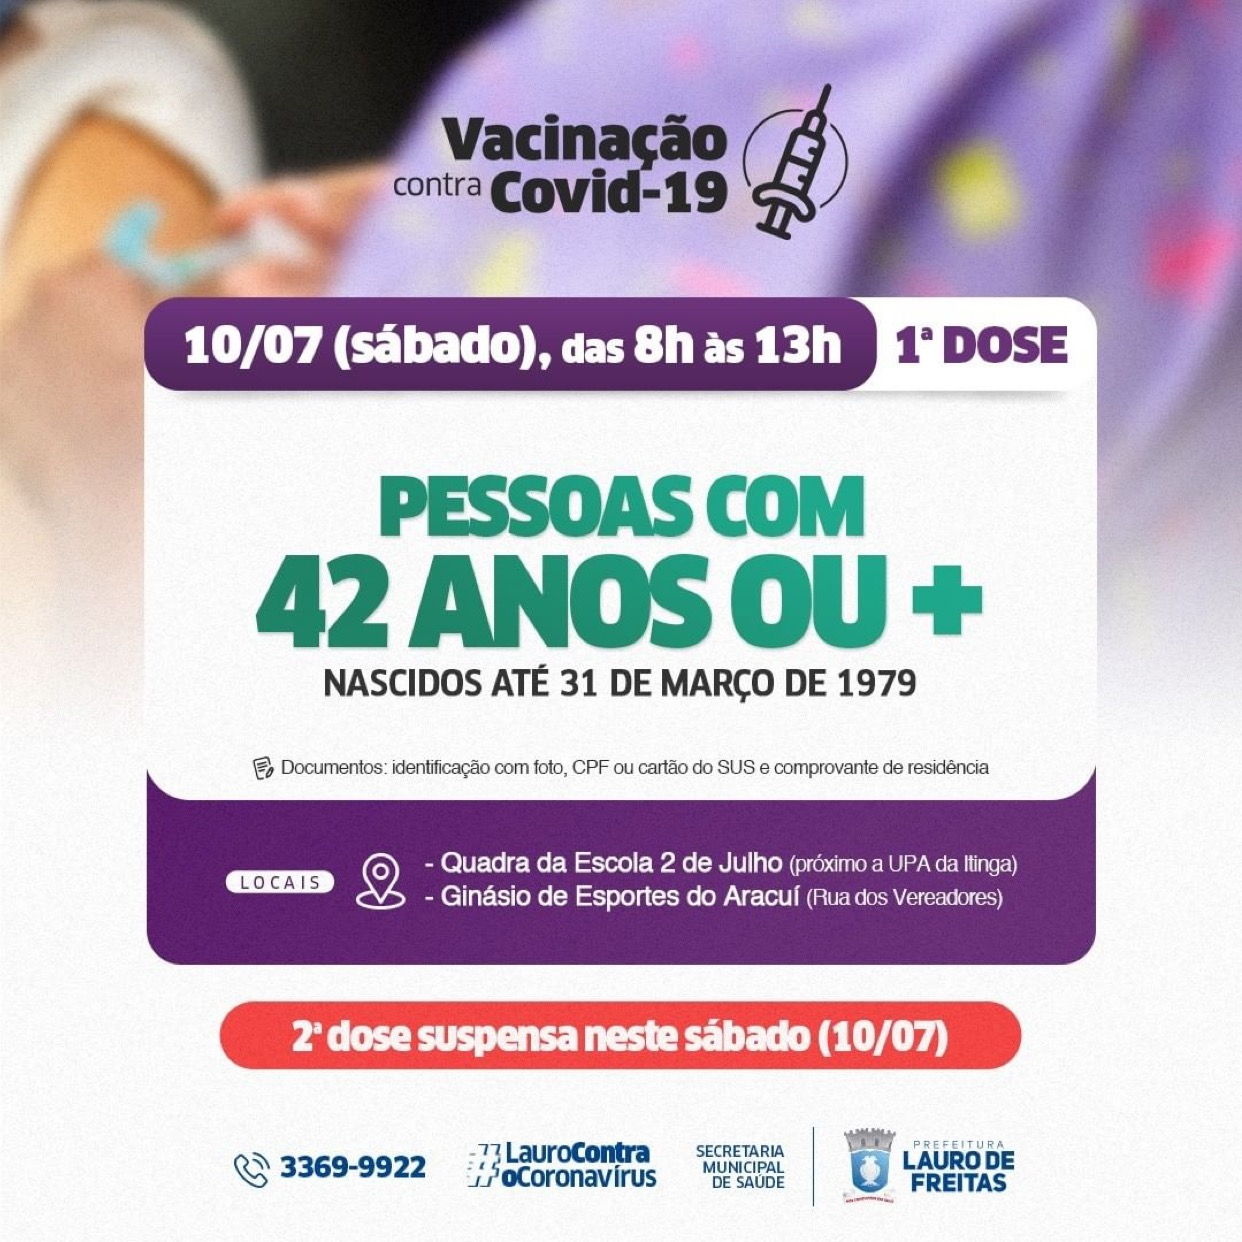 Neste sábado (10), Lauro de Freitas vacina público com 42 anos ou mais, nascidos até 31 de março de 1979